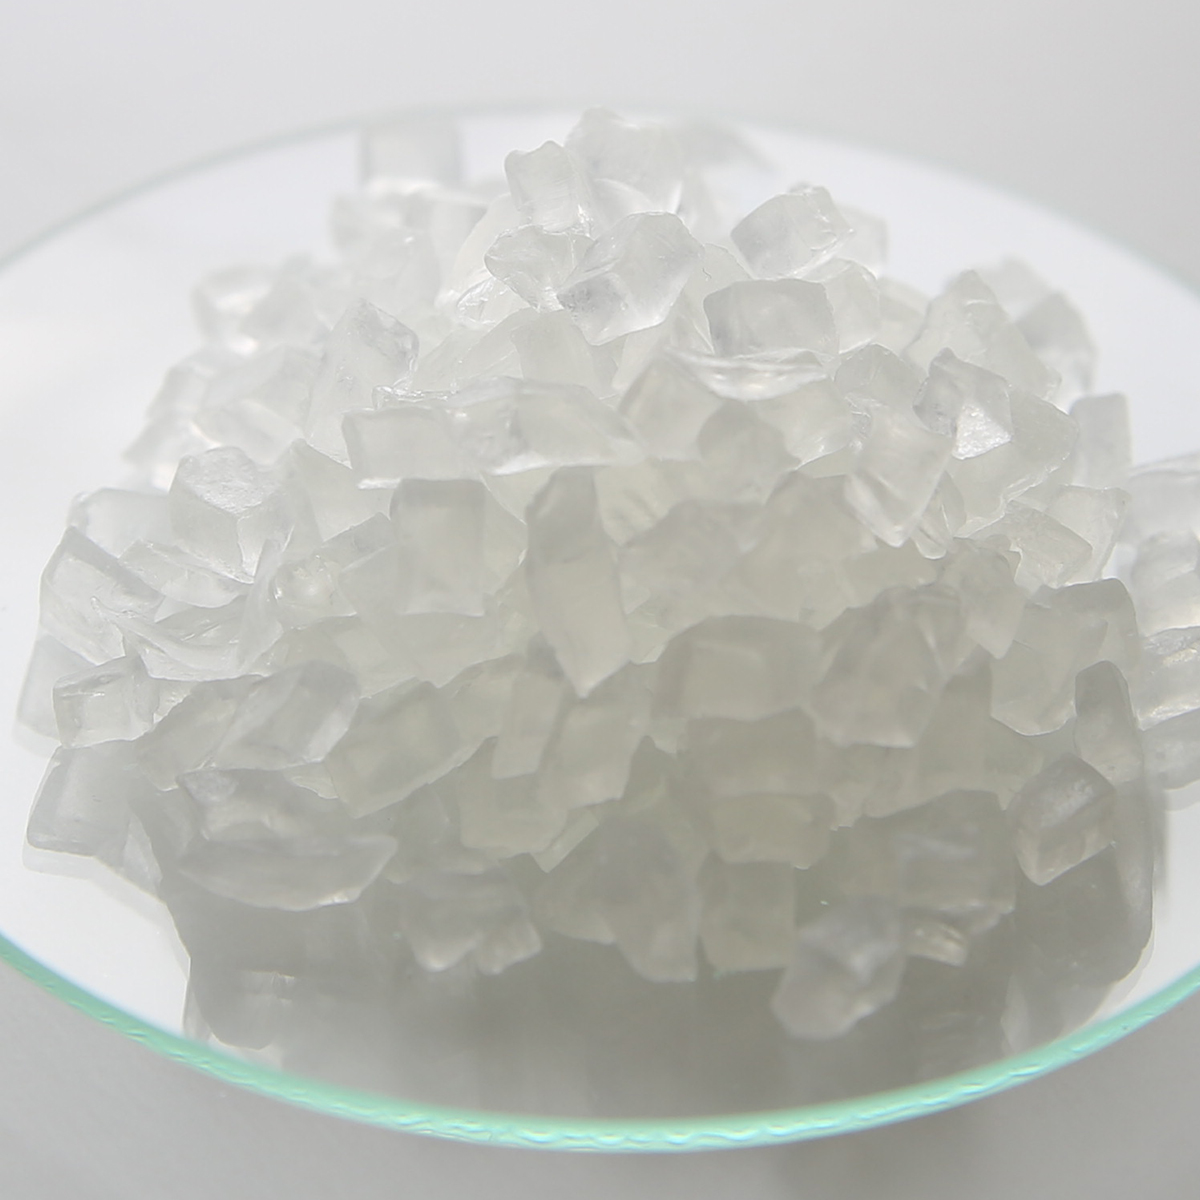 溶かして流し込むだけの石鹸。誰でも簡単に石鹸を手作り。 【送料無料】MPグリセリンソープベース・クリア/25kg【流行のサボンジェム 初心者 お手軽 手作り 透明 石鹸 石けん 原料 材料 素材 ボディ スキンケア 宝石 ハンドメイド】